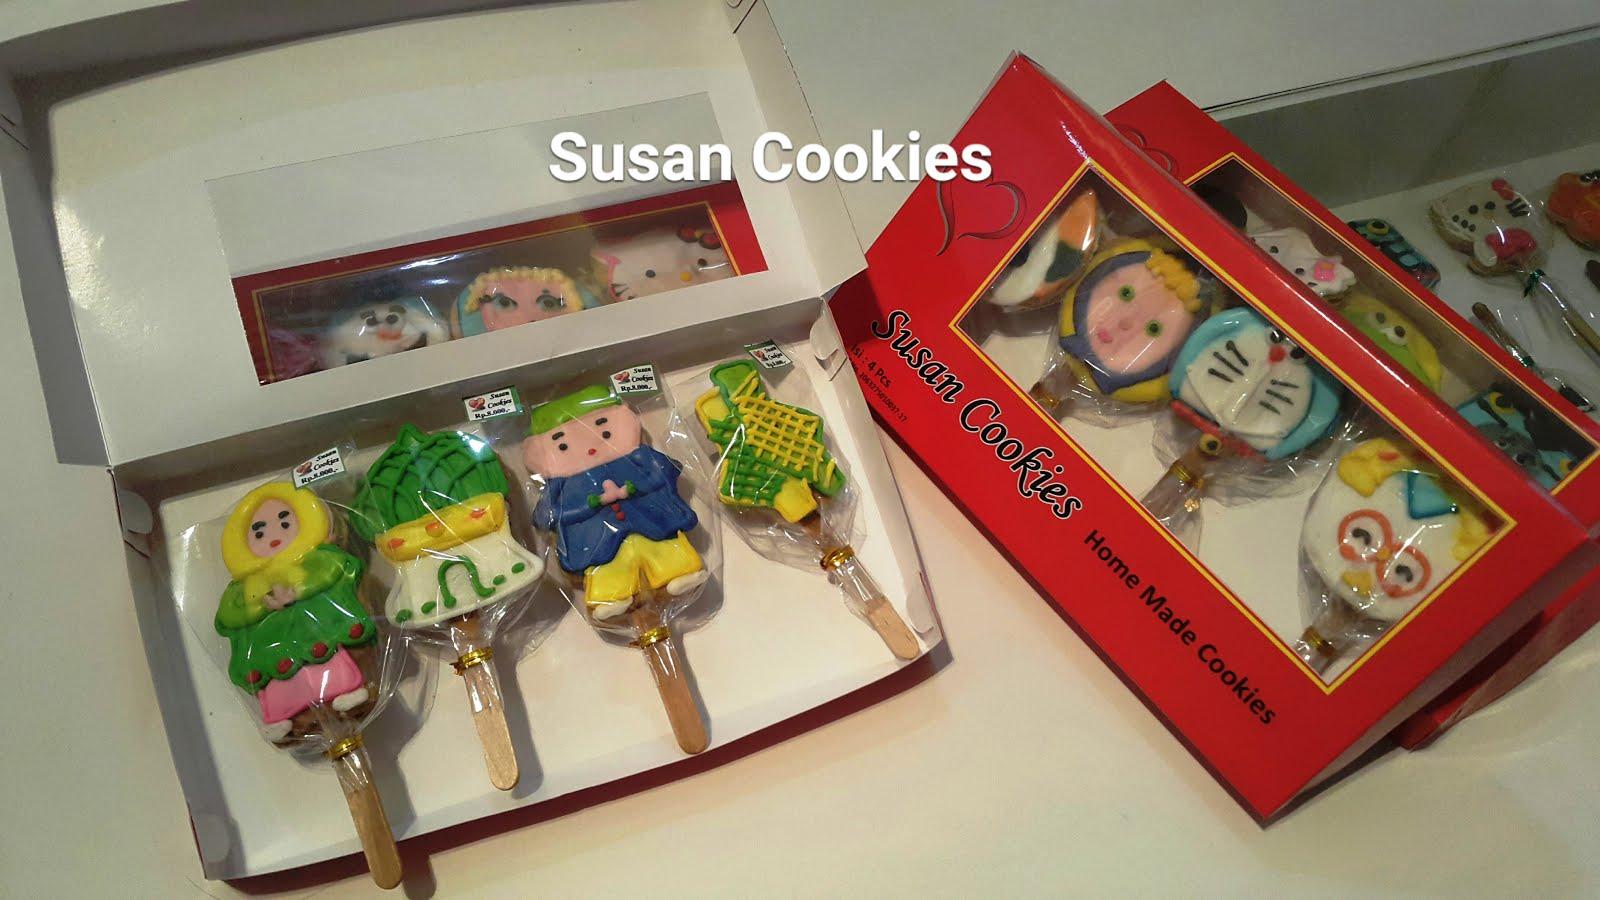 Susan Cookies